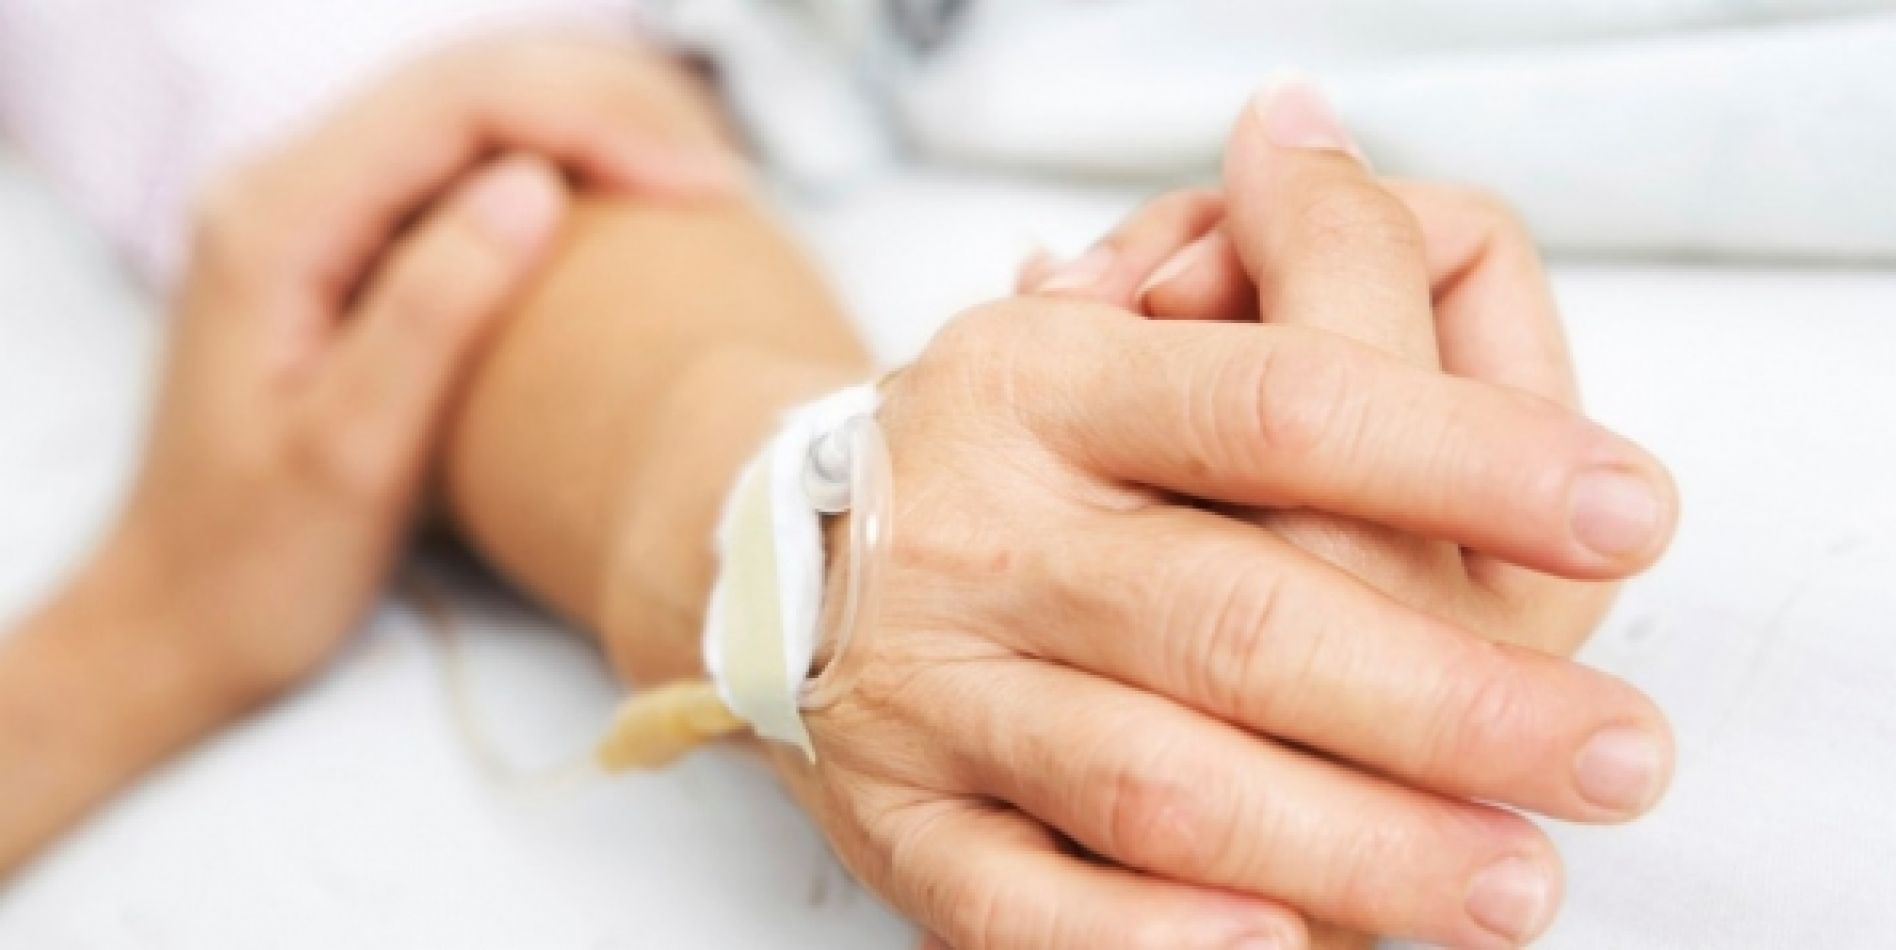 Se trata de los derechos del paciente en su relación con los profesionales e instituciones de la salud.